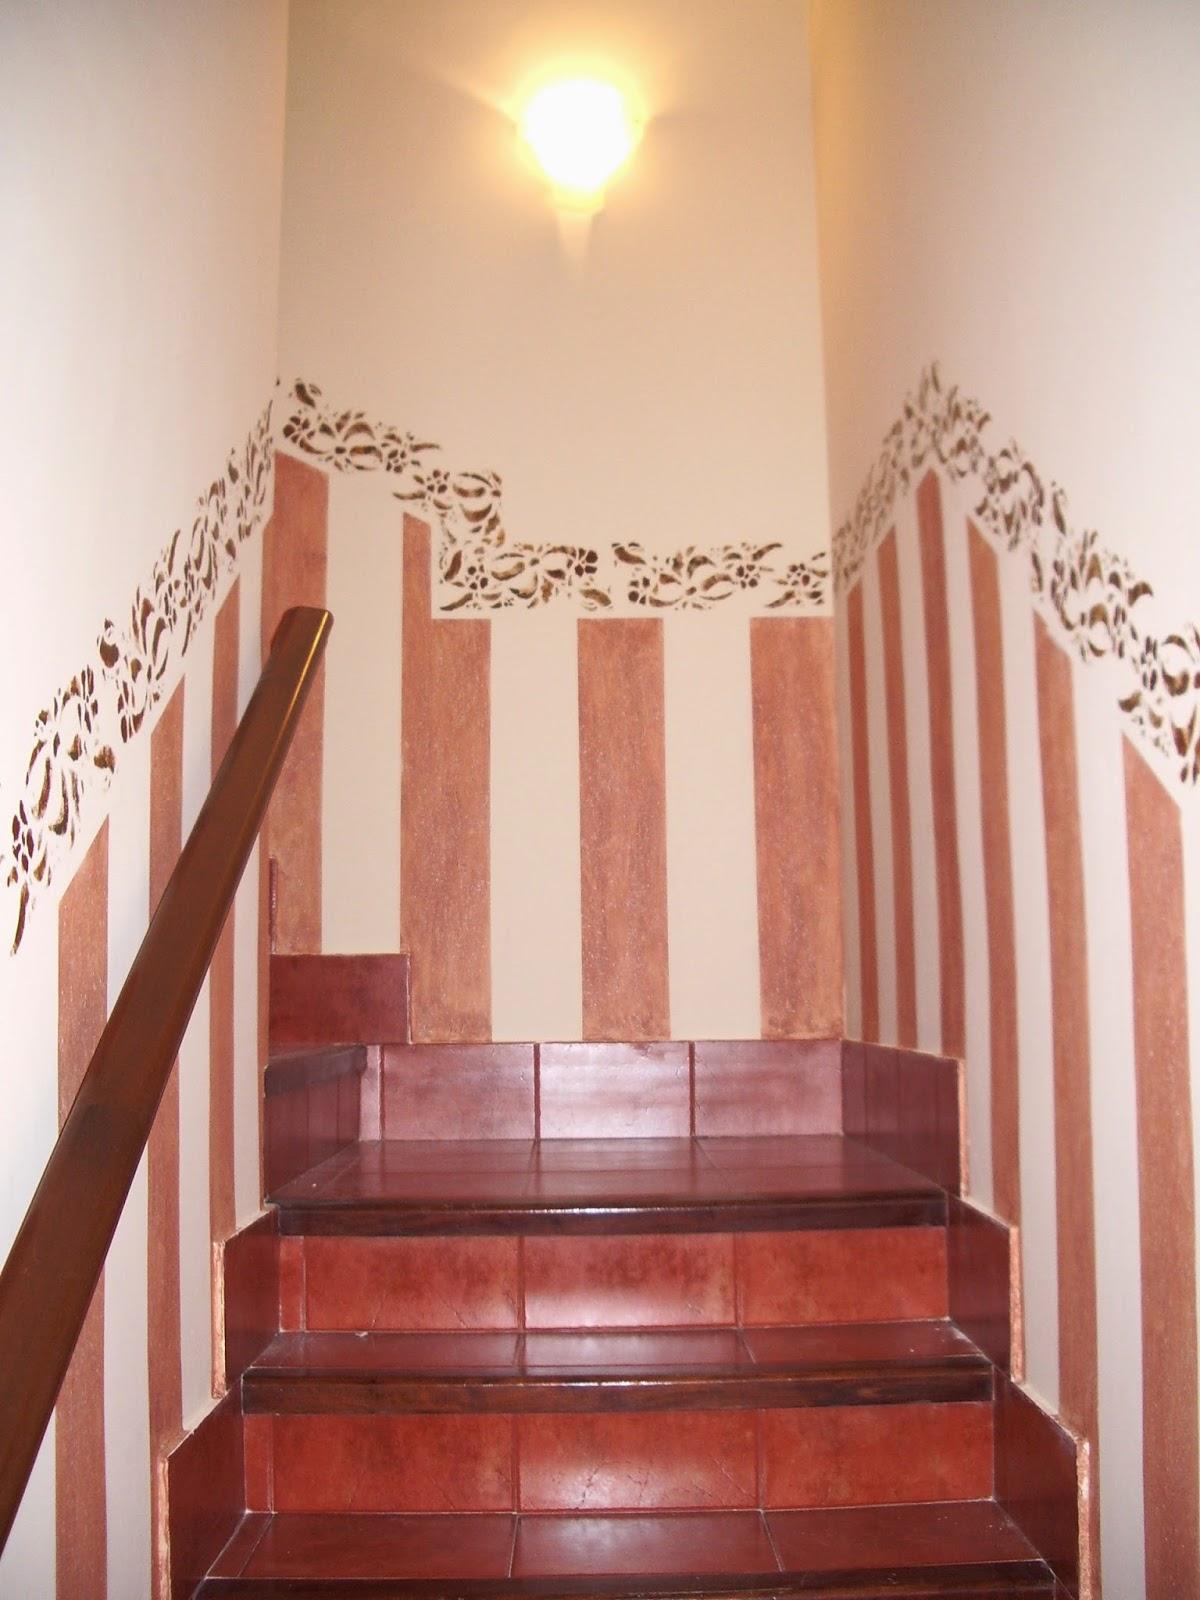 El arte de magoo especialistas en pintura mural y - Escaleras para pintar ...